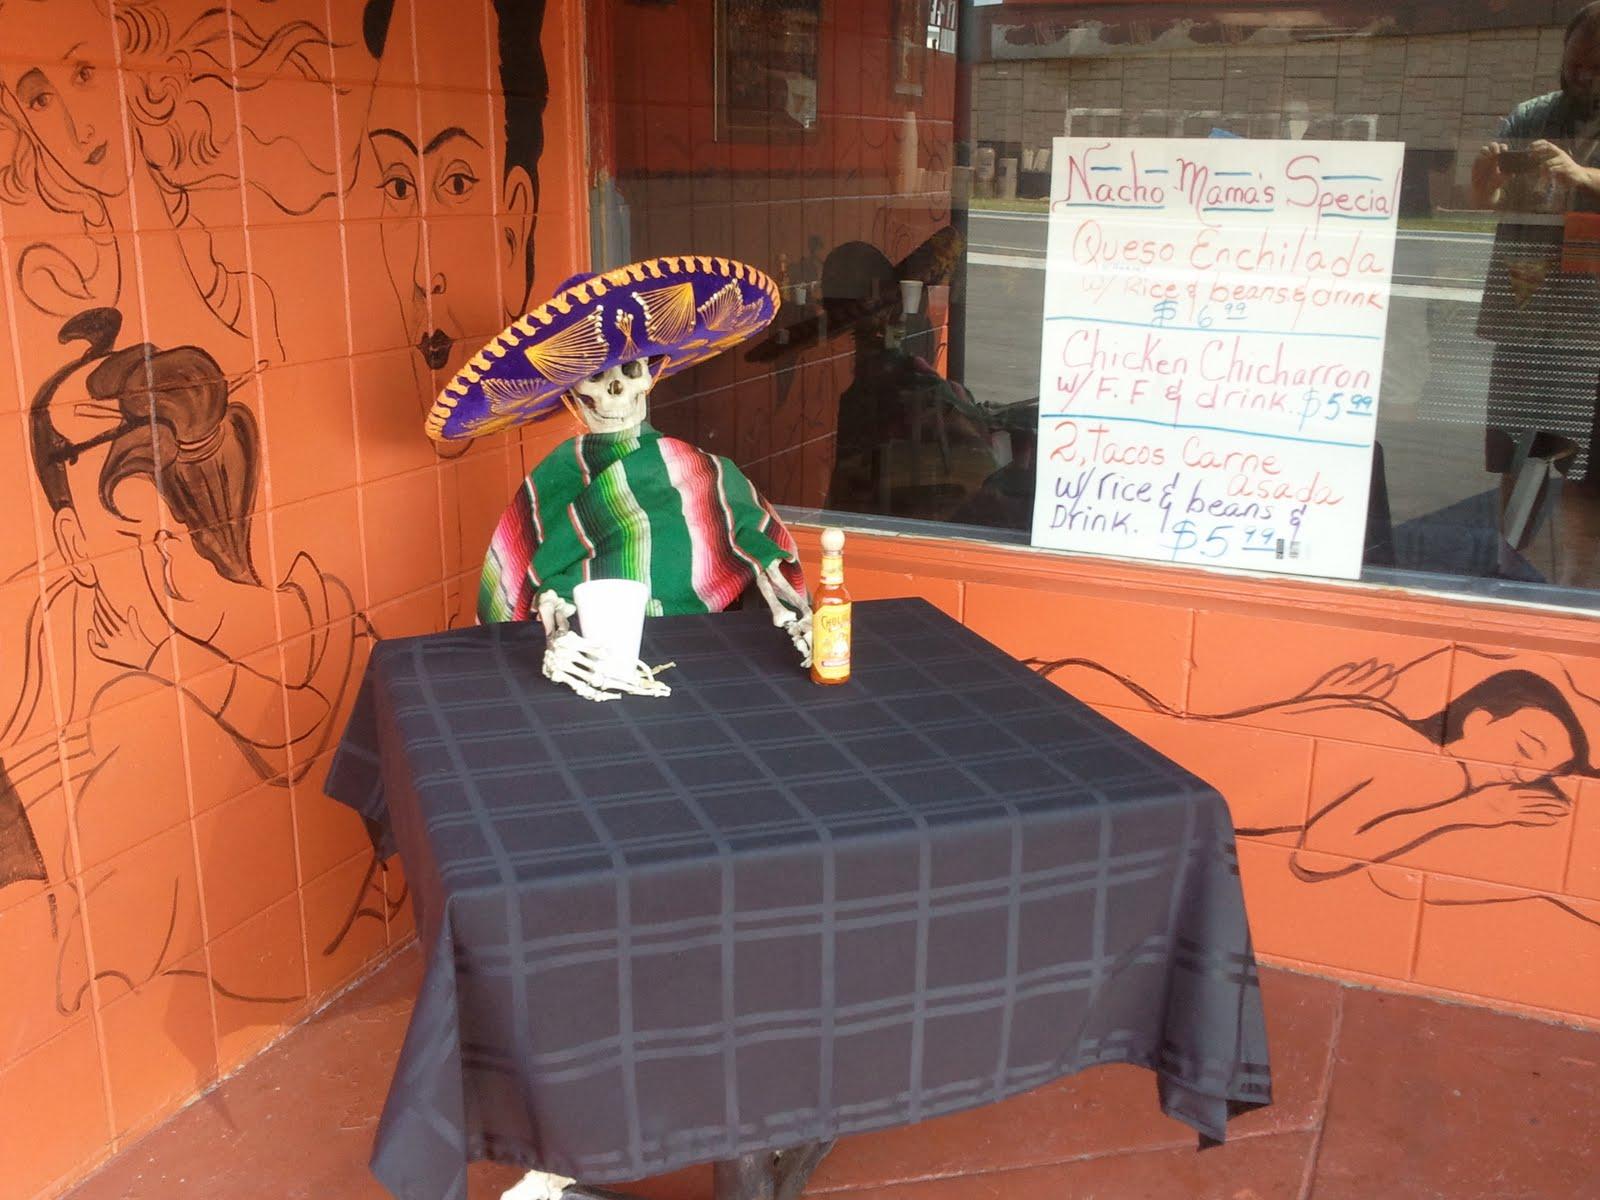 eat local orlando may 2011